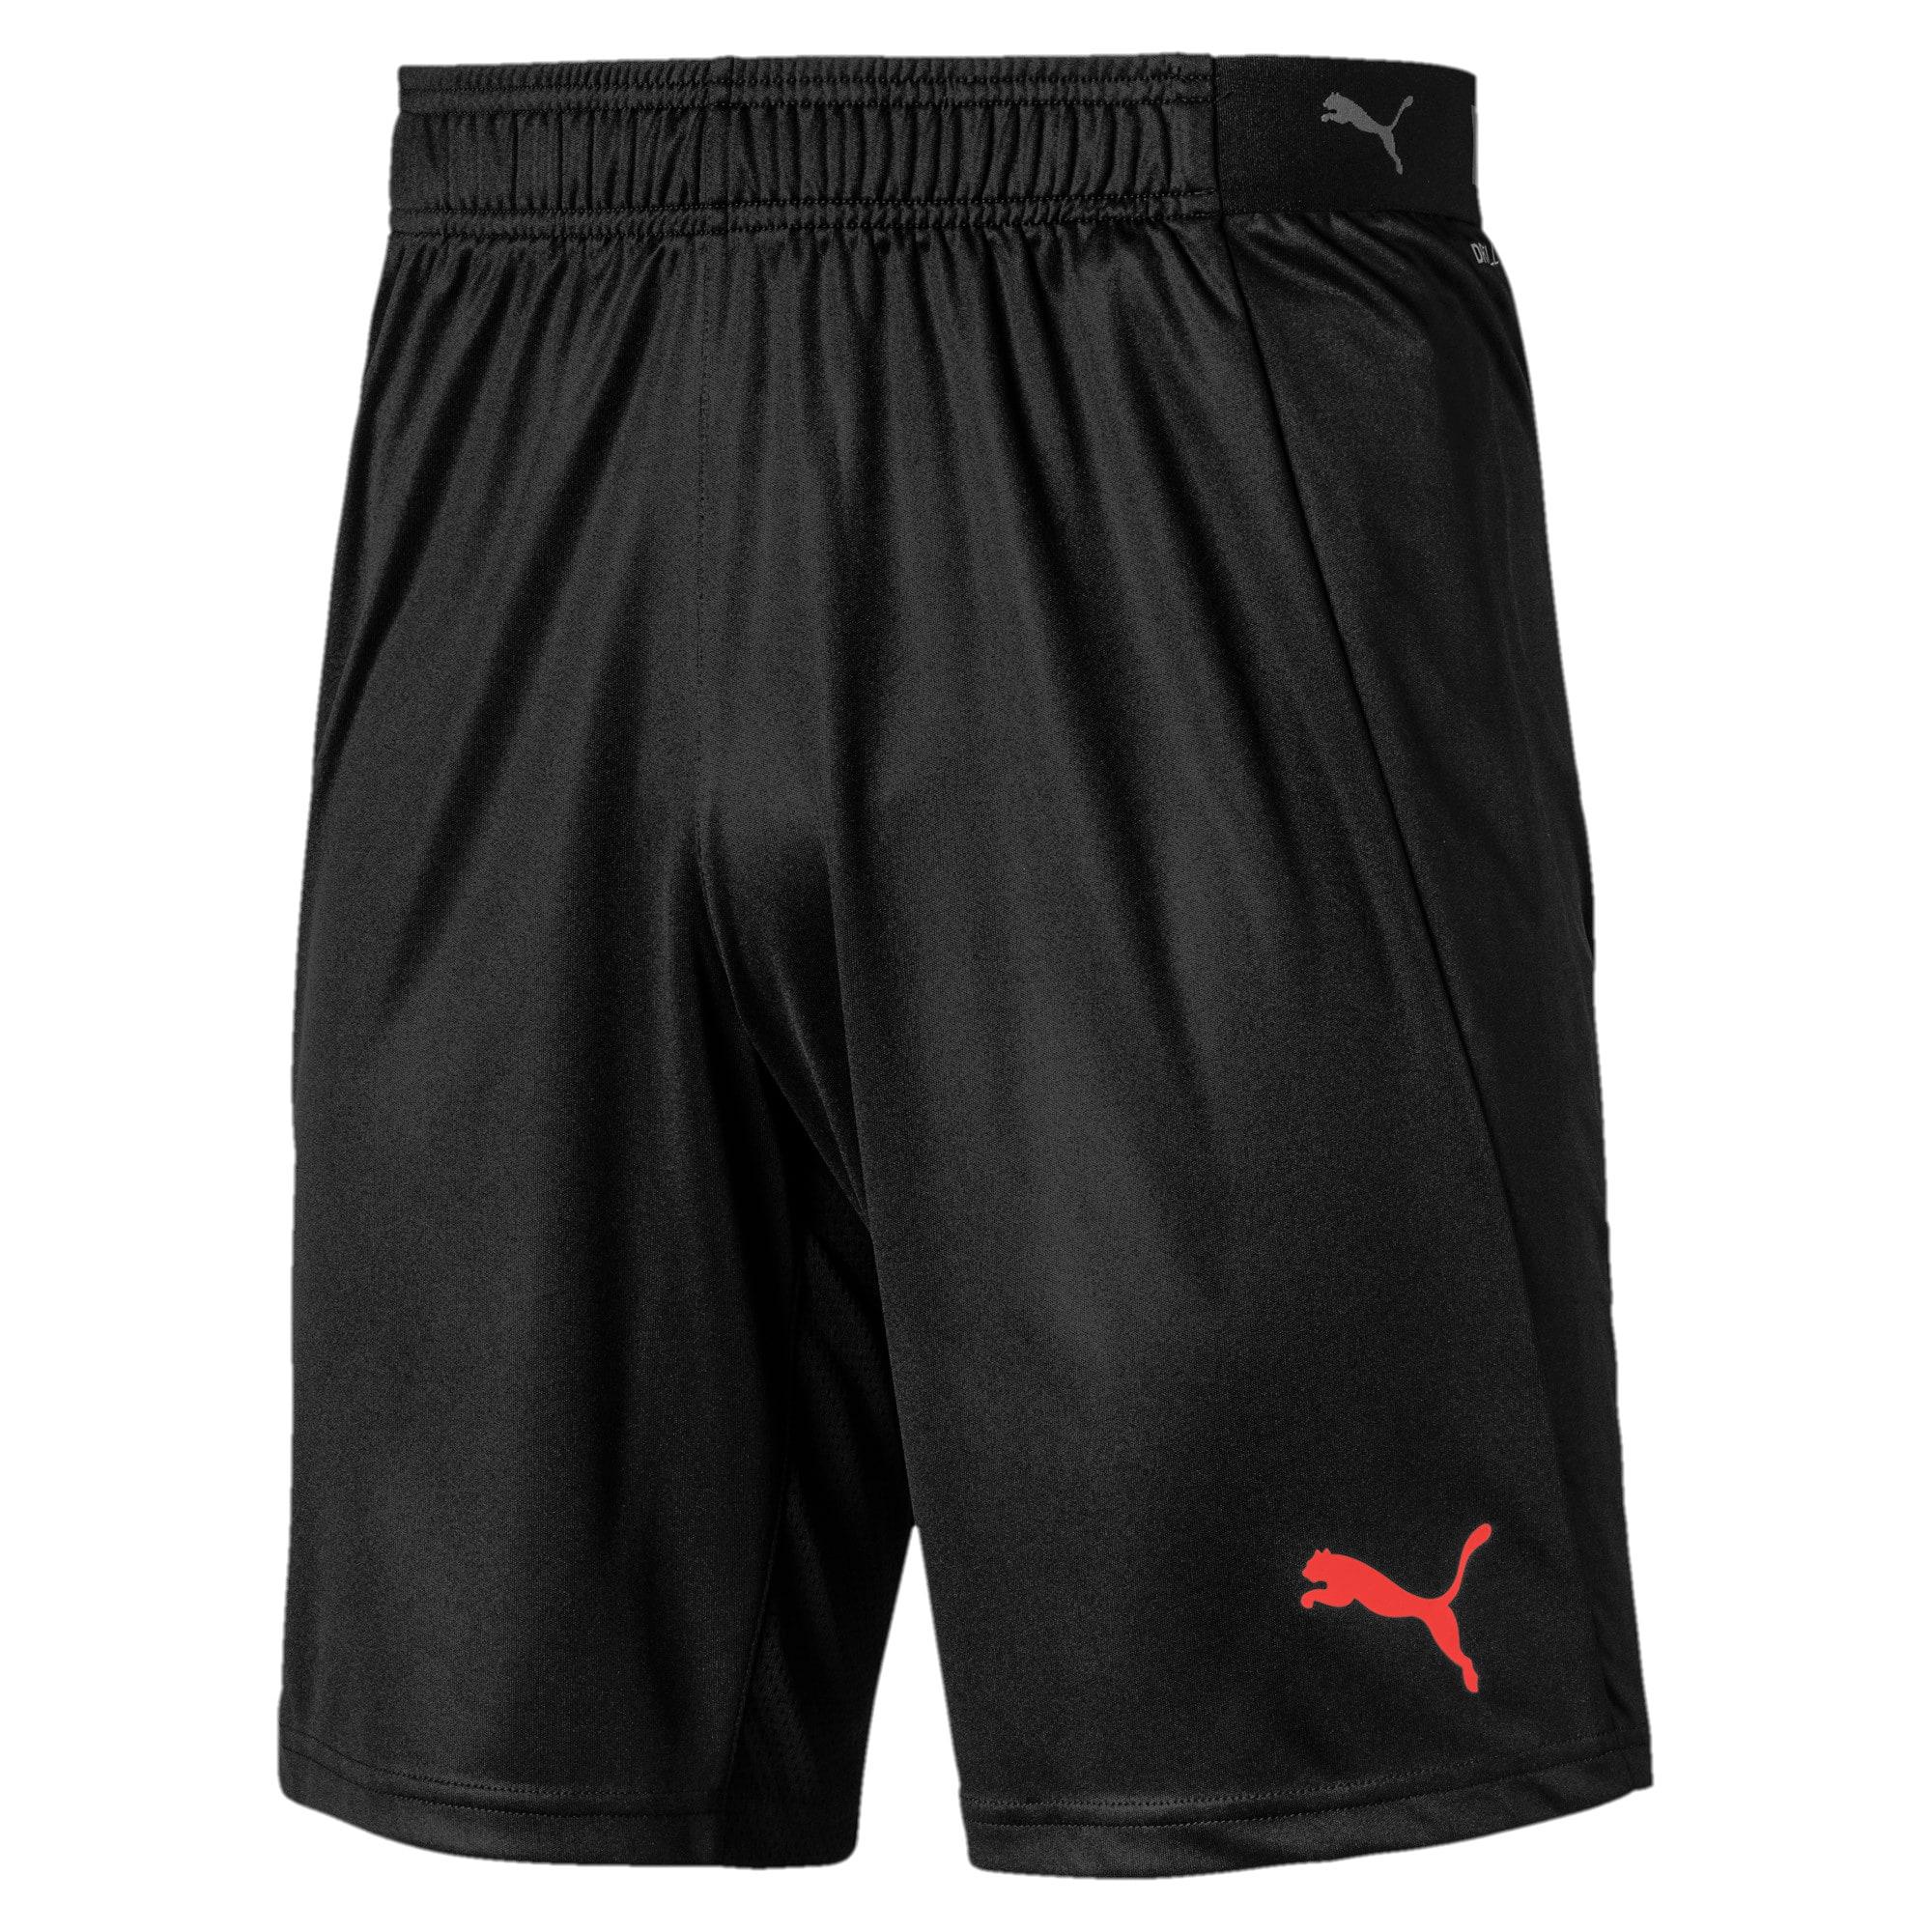 Thumbnail 4 of ftblNXT Men's Shorts, Puma Black, medium